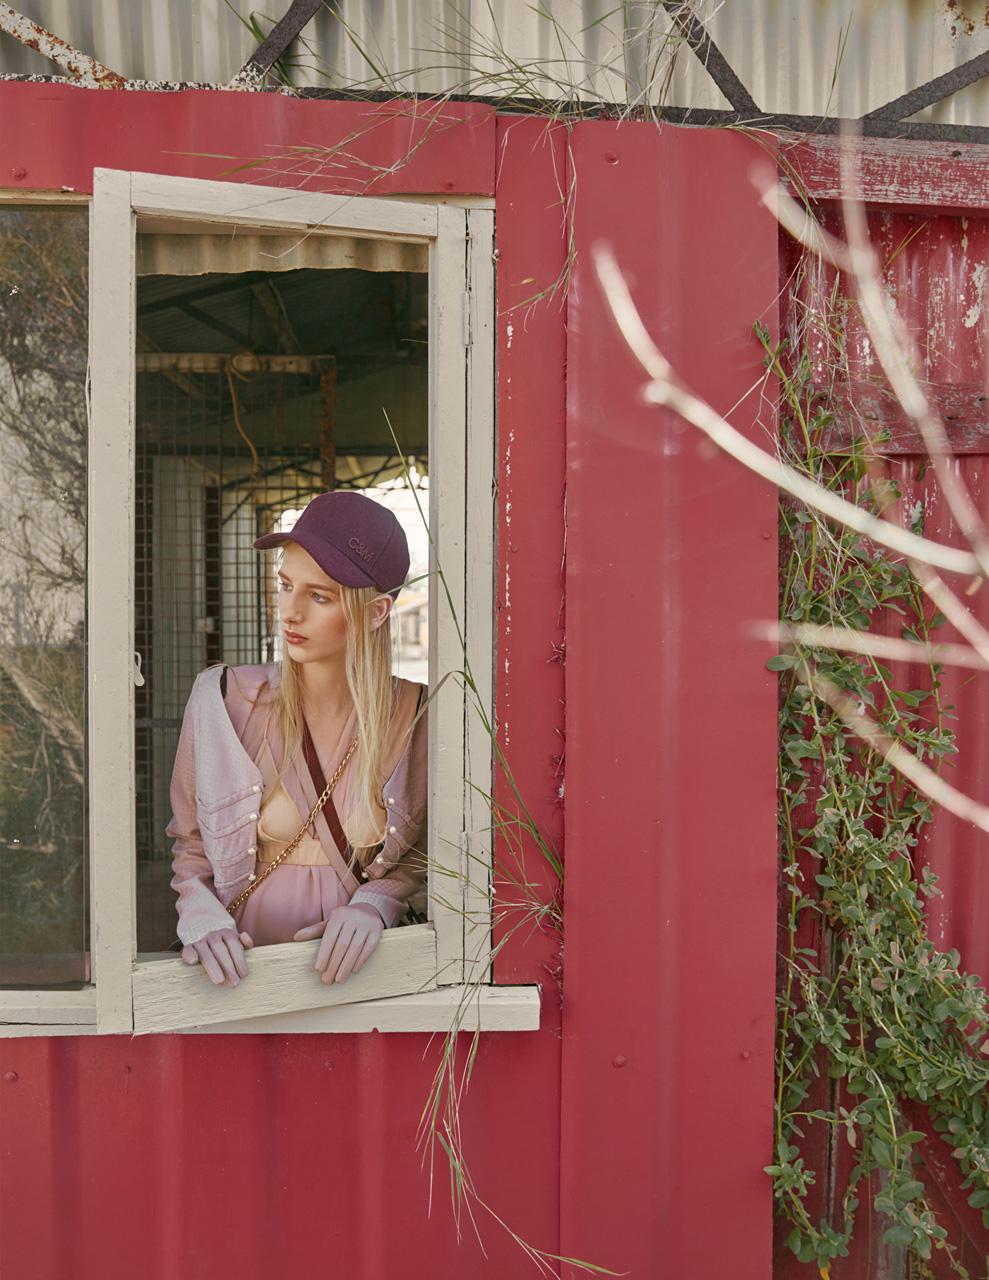 nadiaduca-makeup-artist-Lola-Geevers (10).jpg